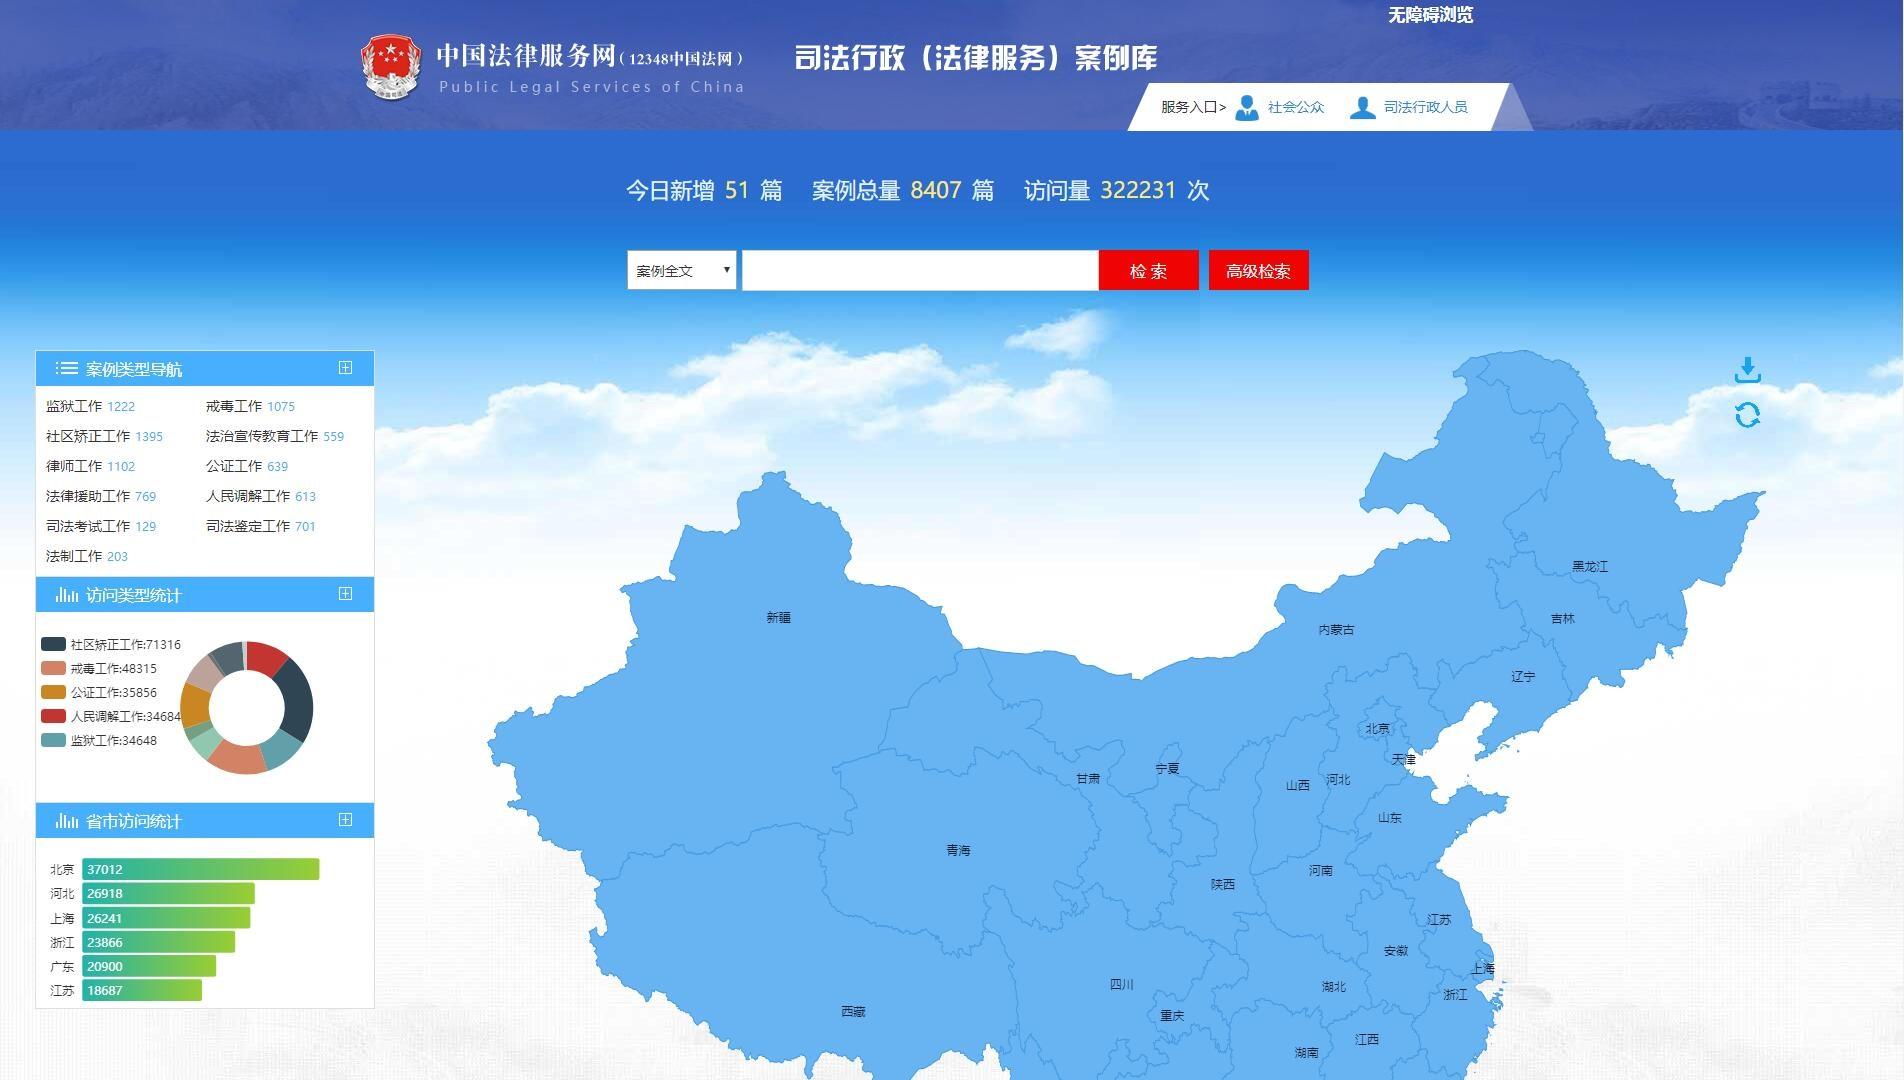 司法部中國法律服務網司法行政案例庫再收冀華所典型案件